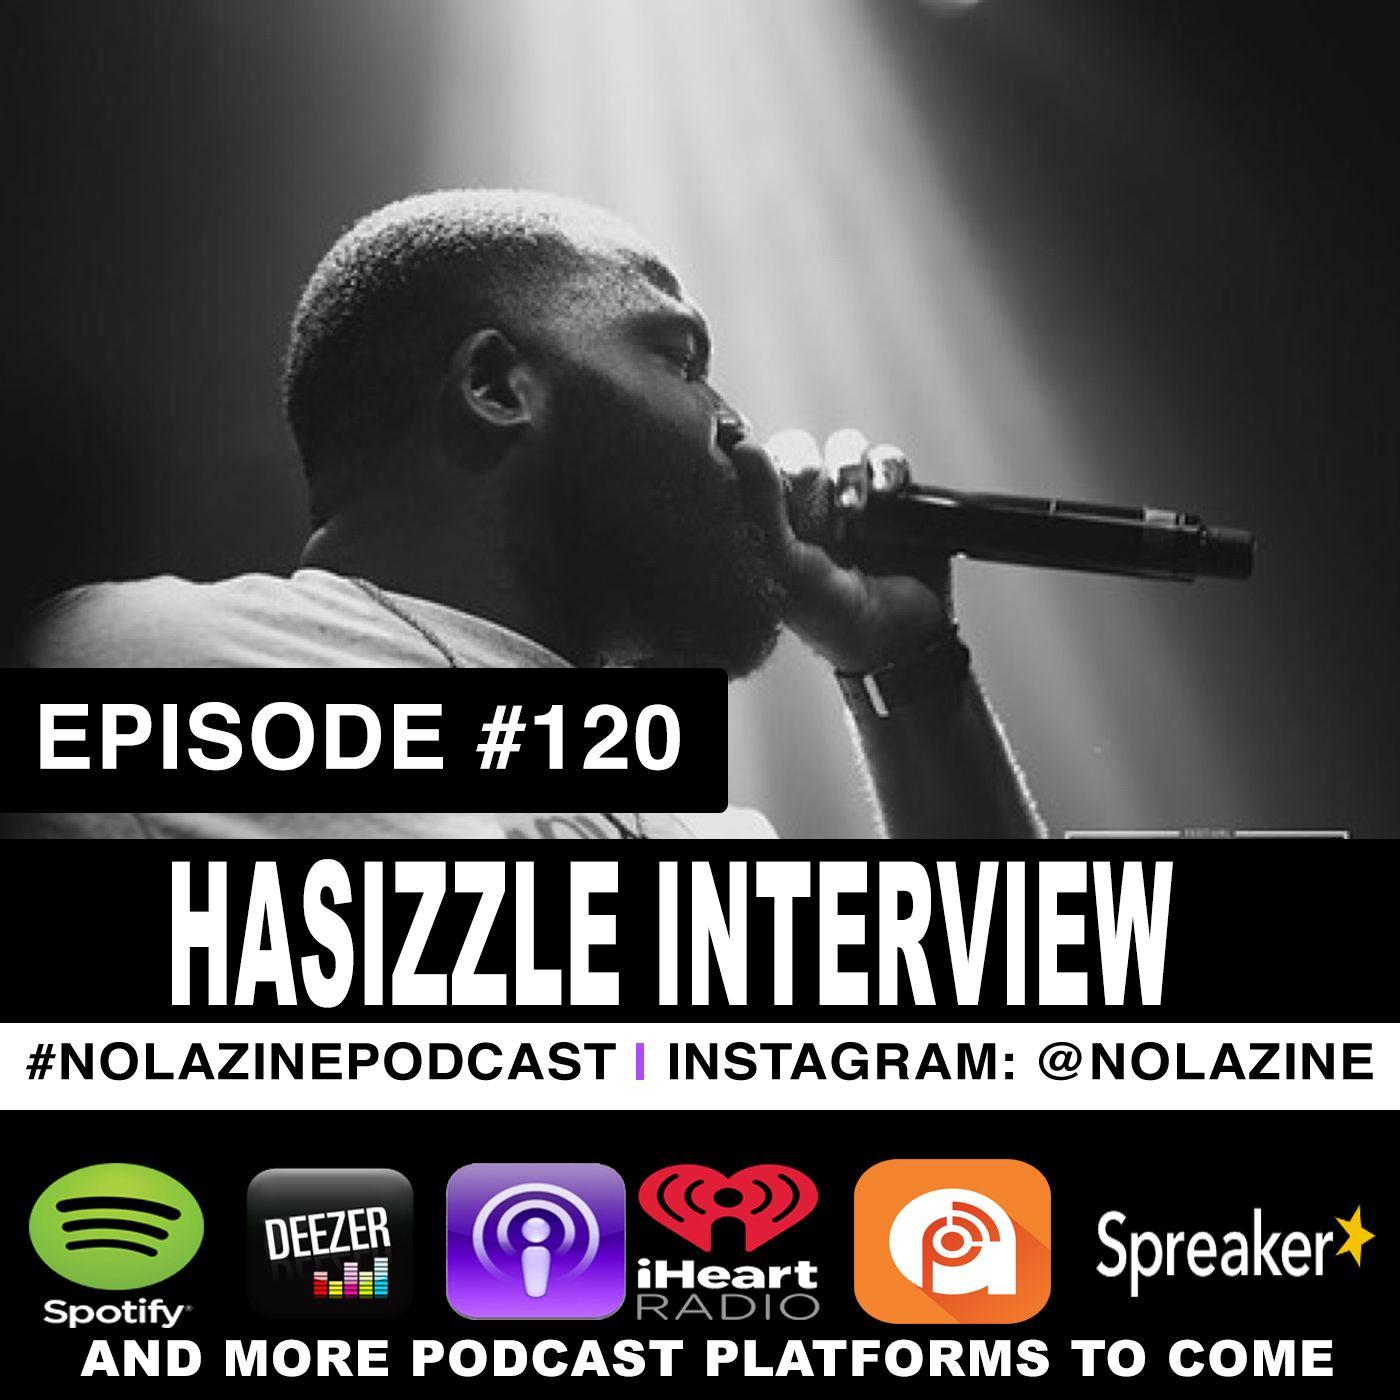 Episode #120 Music Artist HASIZZLE Interview